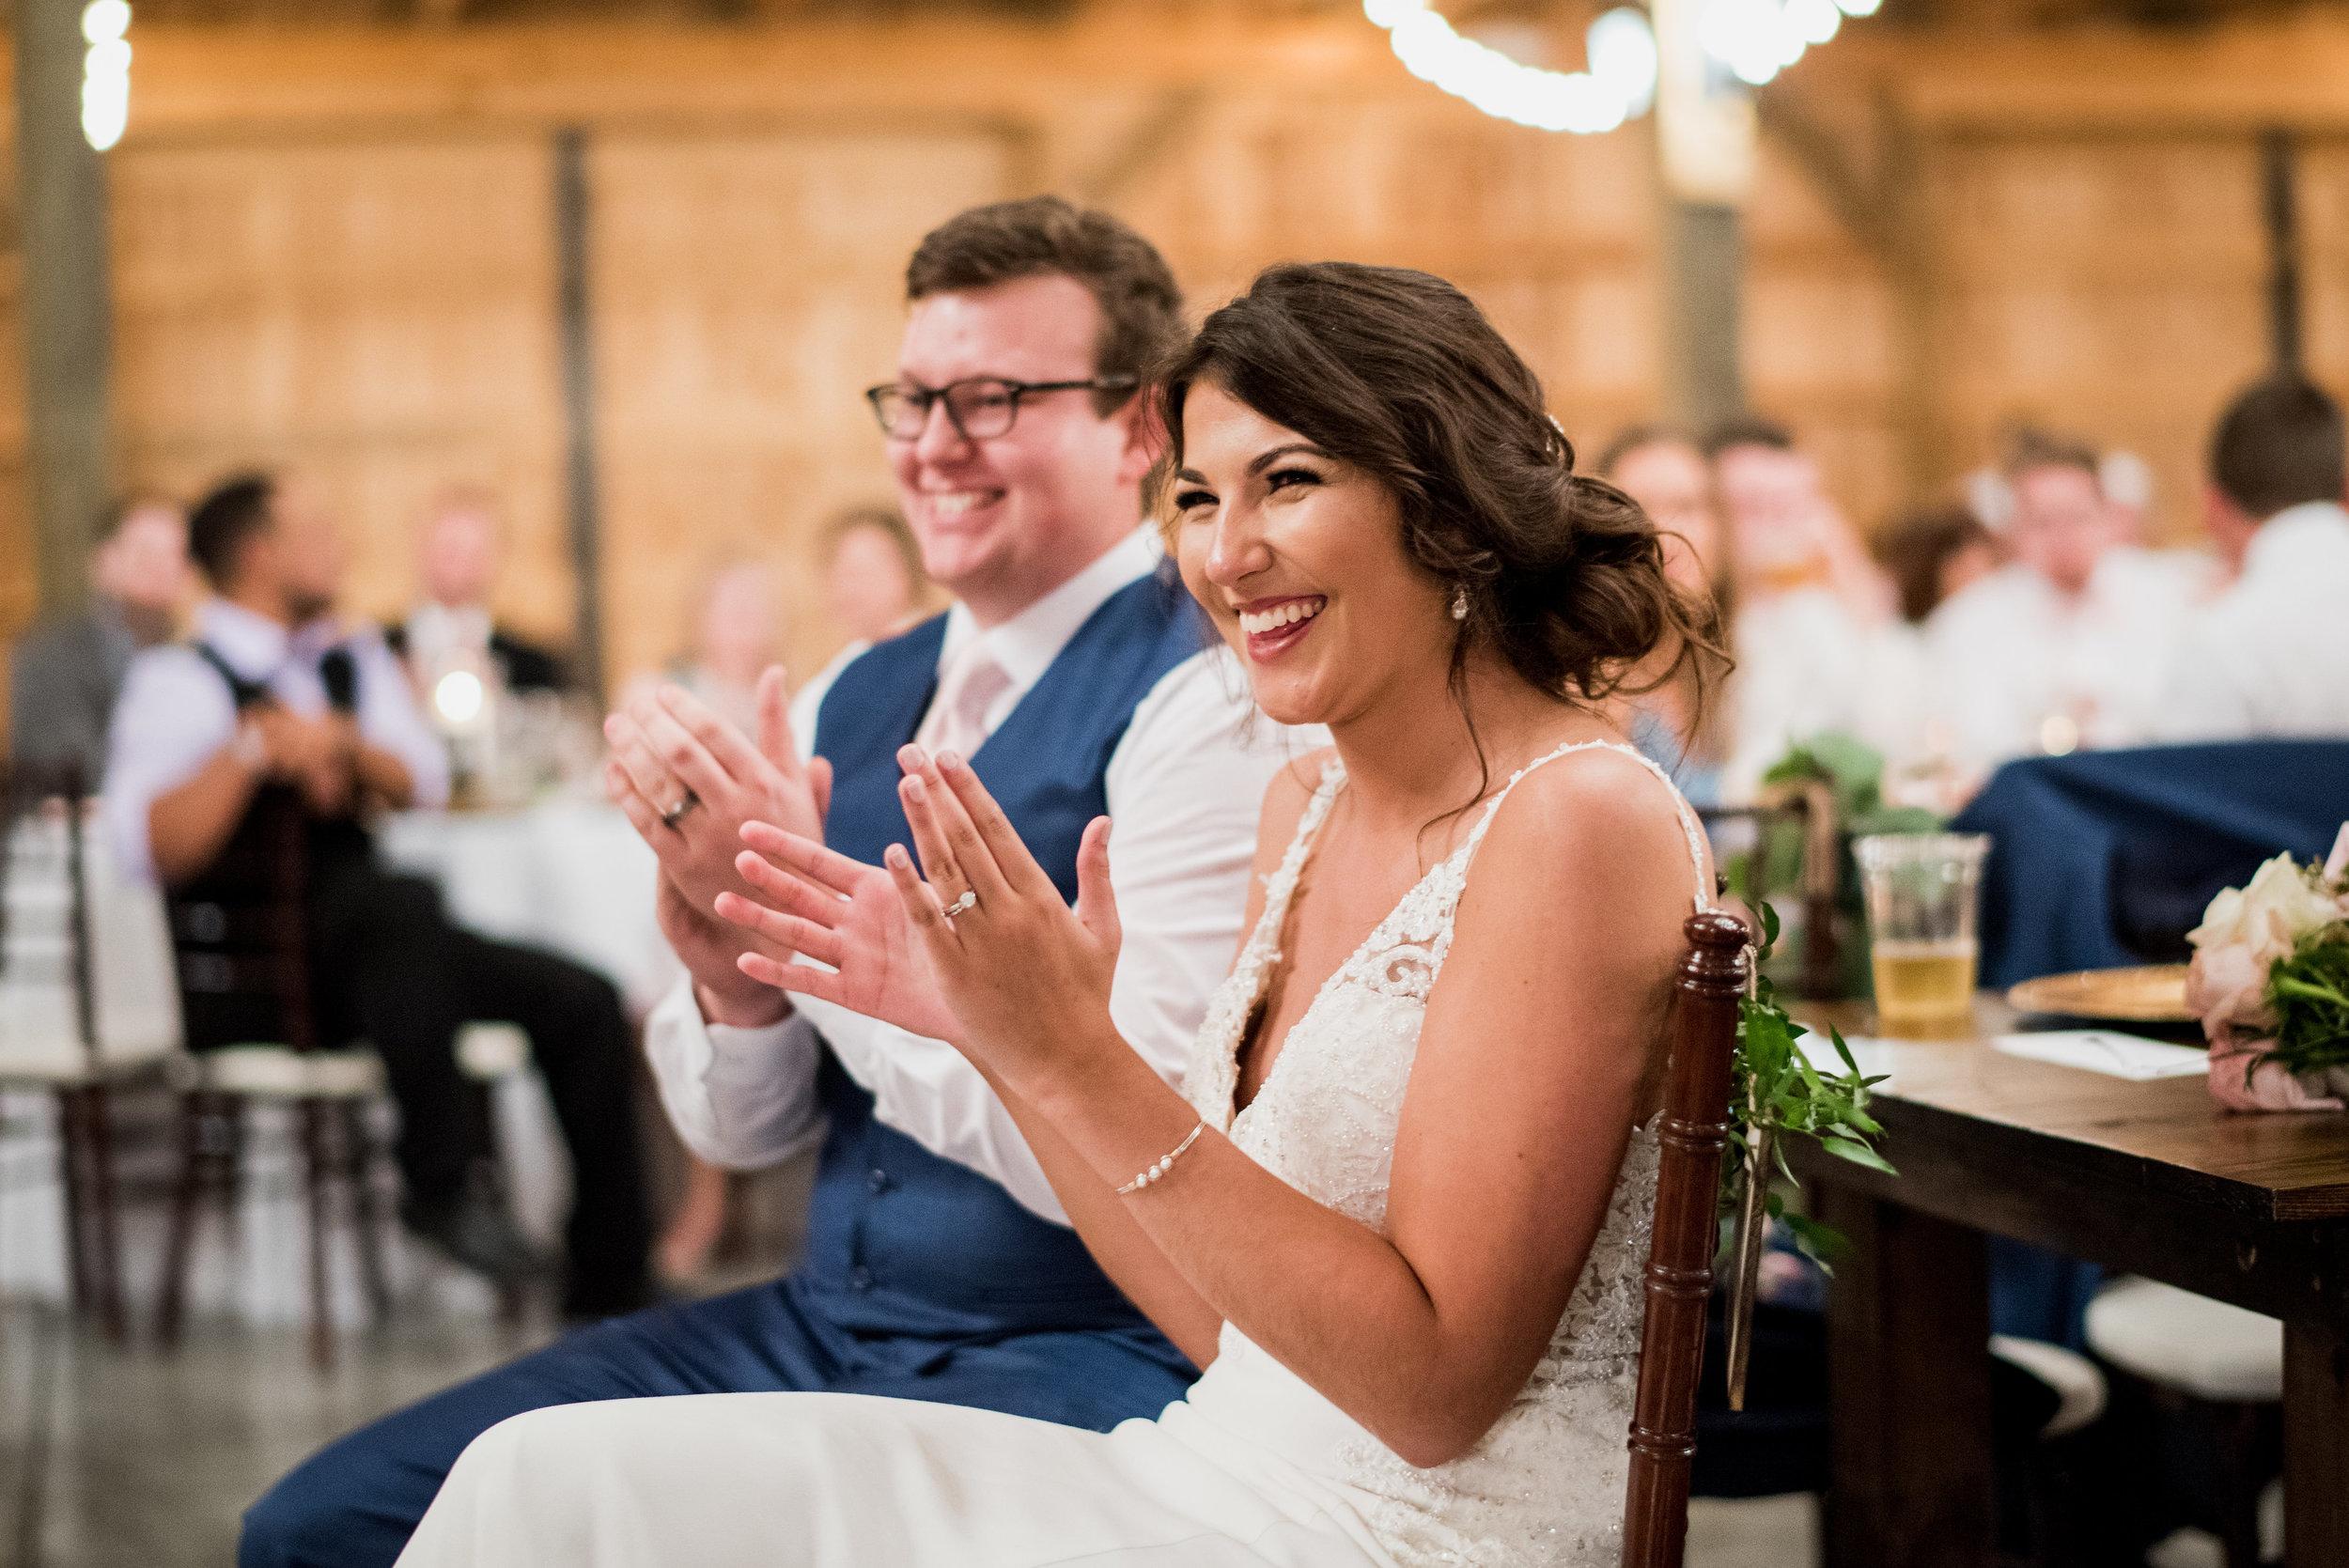 Saddlewood-Farms-Nashville-Wedding-Photographers-656.jpg